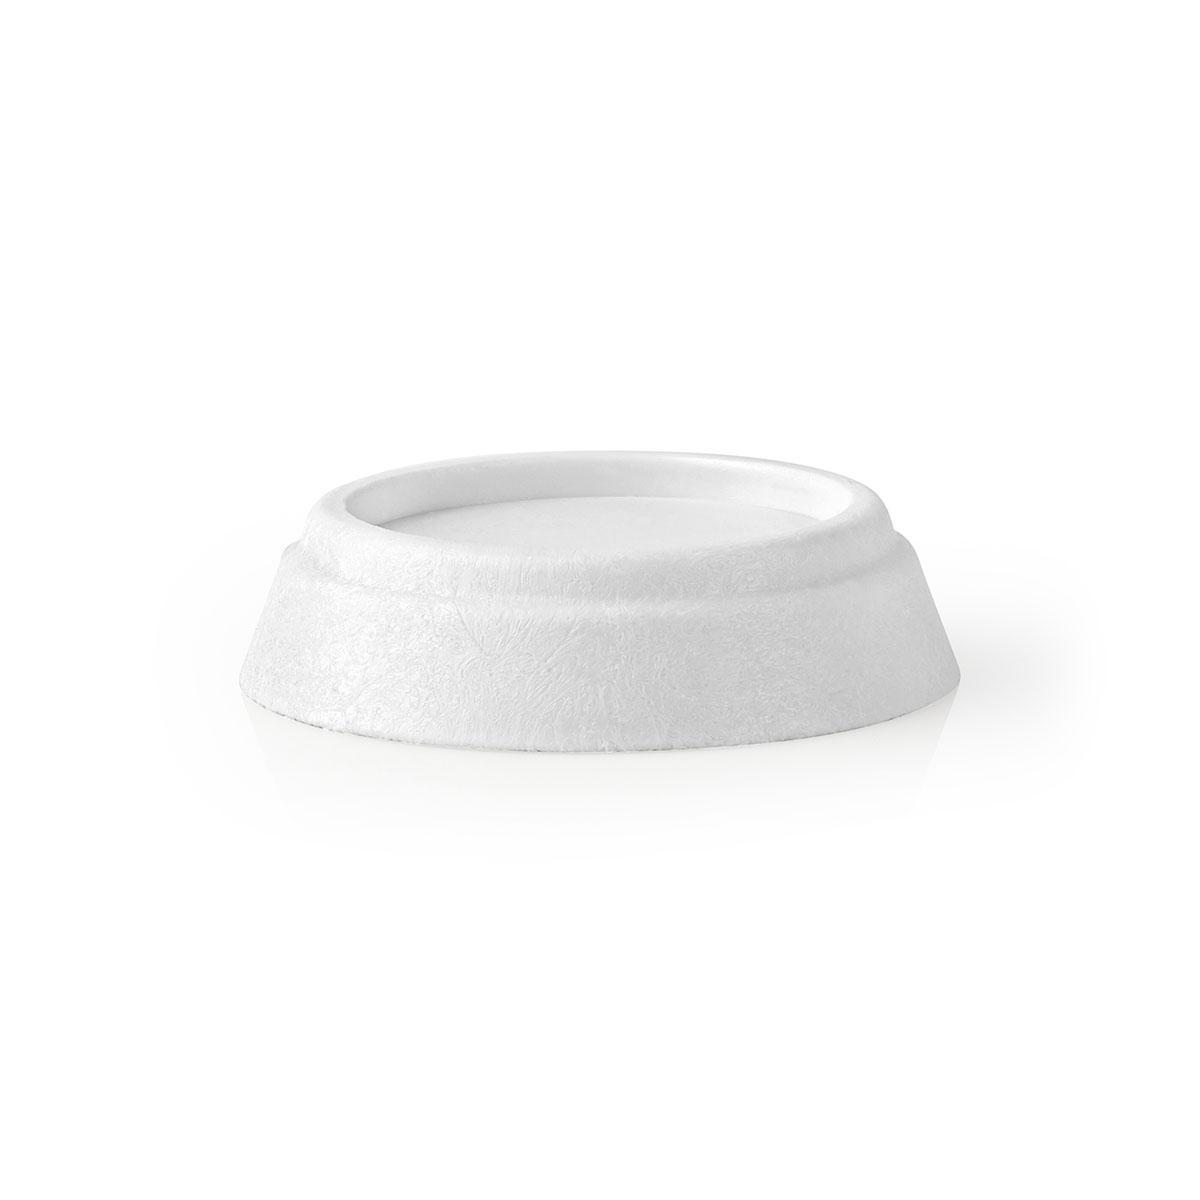 Amortizoare pentru masina de spalat Nedis albe 4 bucati